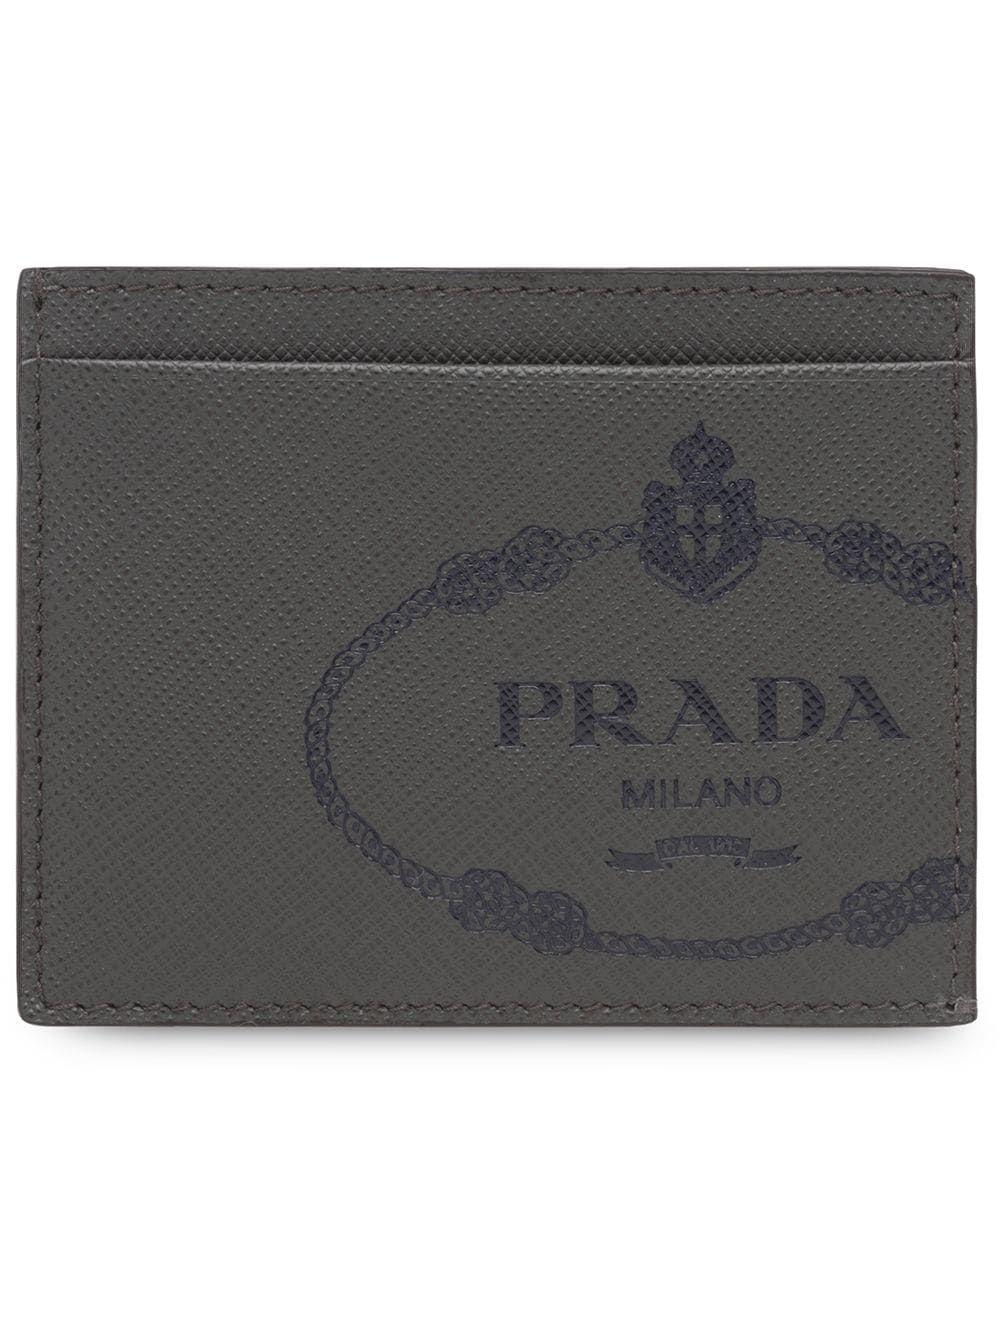 9e51a3cd3b91fa PRADA PRADA SAFFIANO LEATHER CREDIT CARD HOLDER - GREY. #prada ...